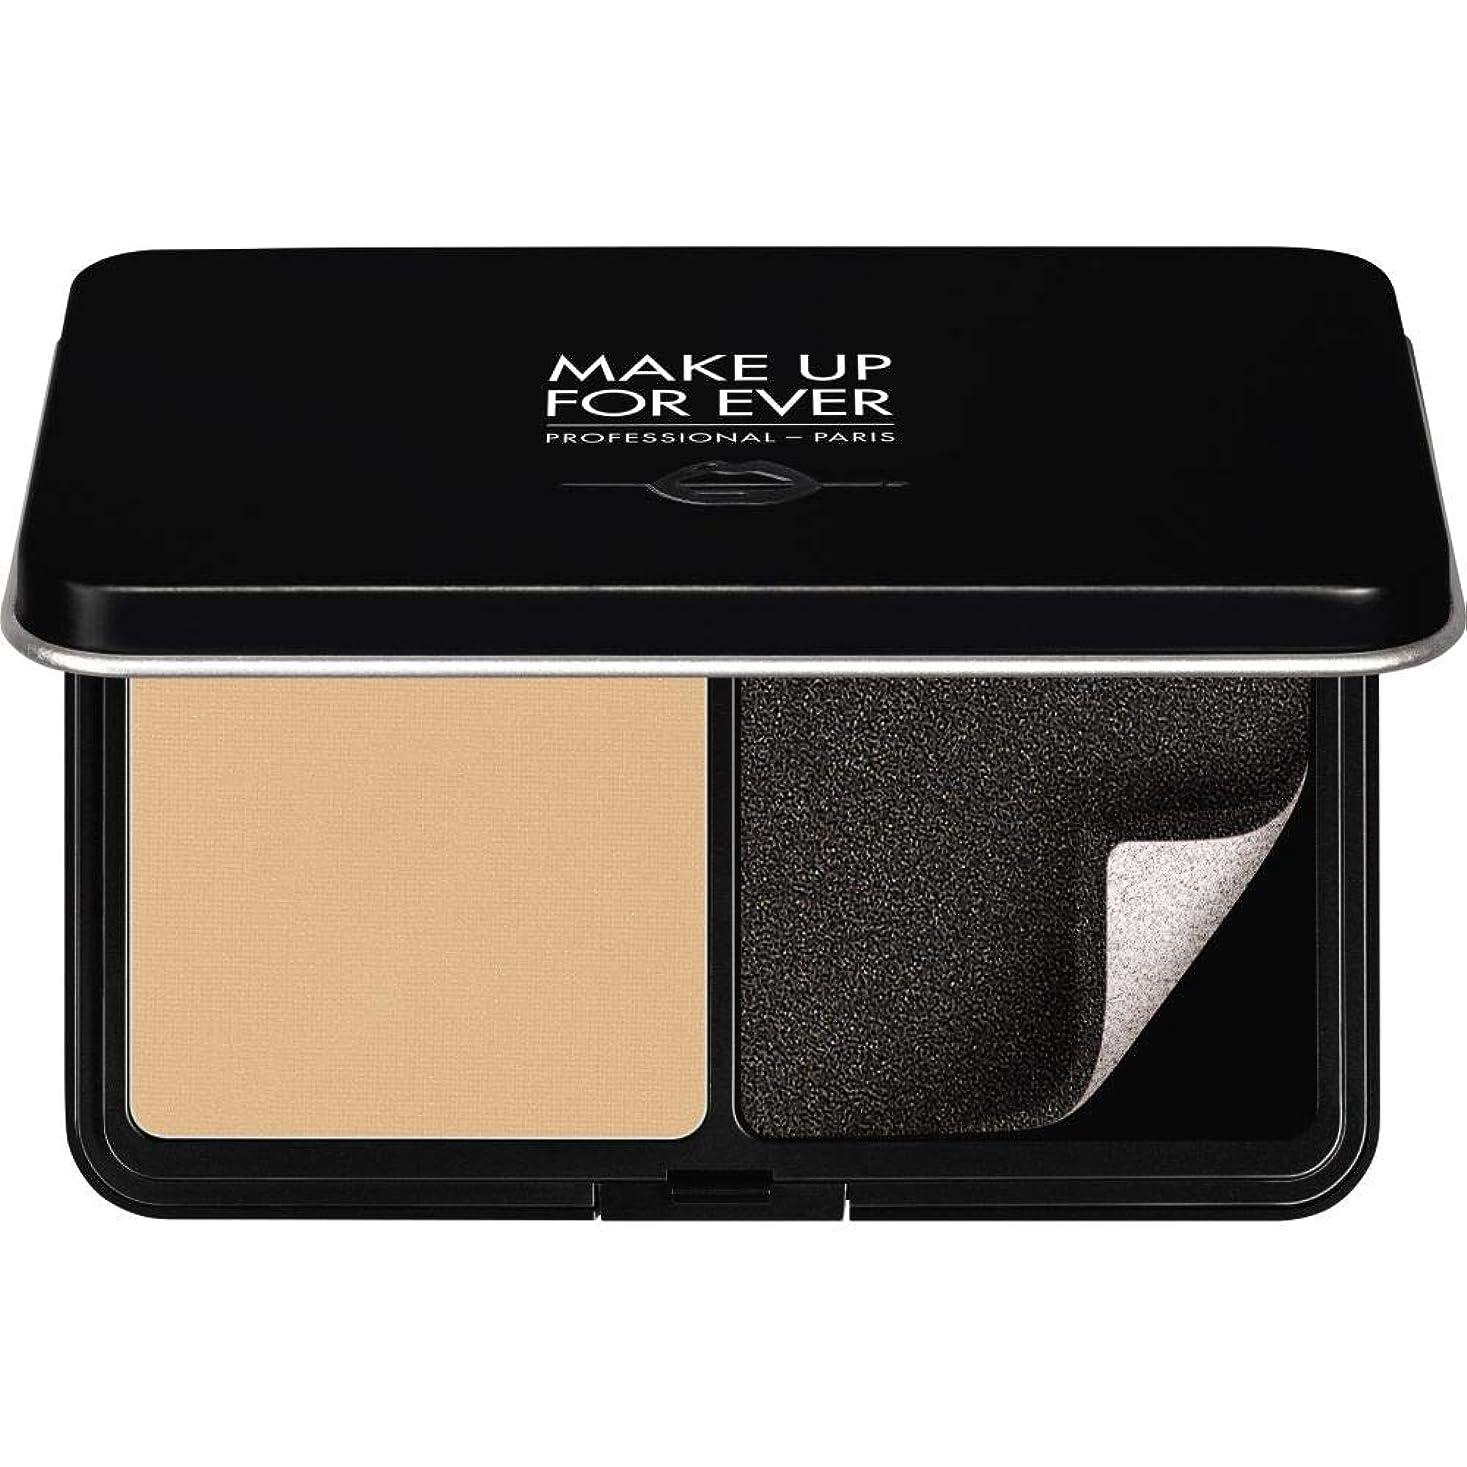 避ける結び目防水[MAKE UP FOR EVER ] パウダーファンデーション11GののY225をぼかし、これまでマットベルベットの肌を補う - 大理石 - MAKE UP FOR EVER Matte Velvet Skin Blurring Powder Foundation 11g Y225 - Marble [並行輸入品]